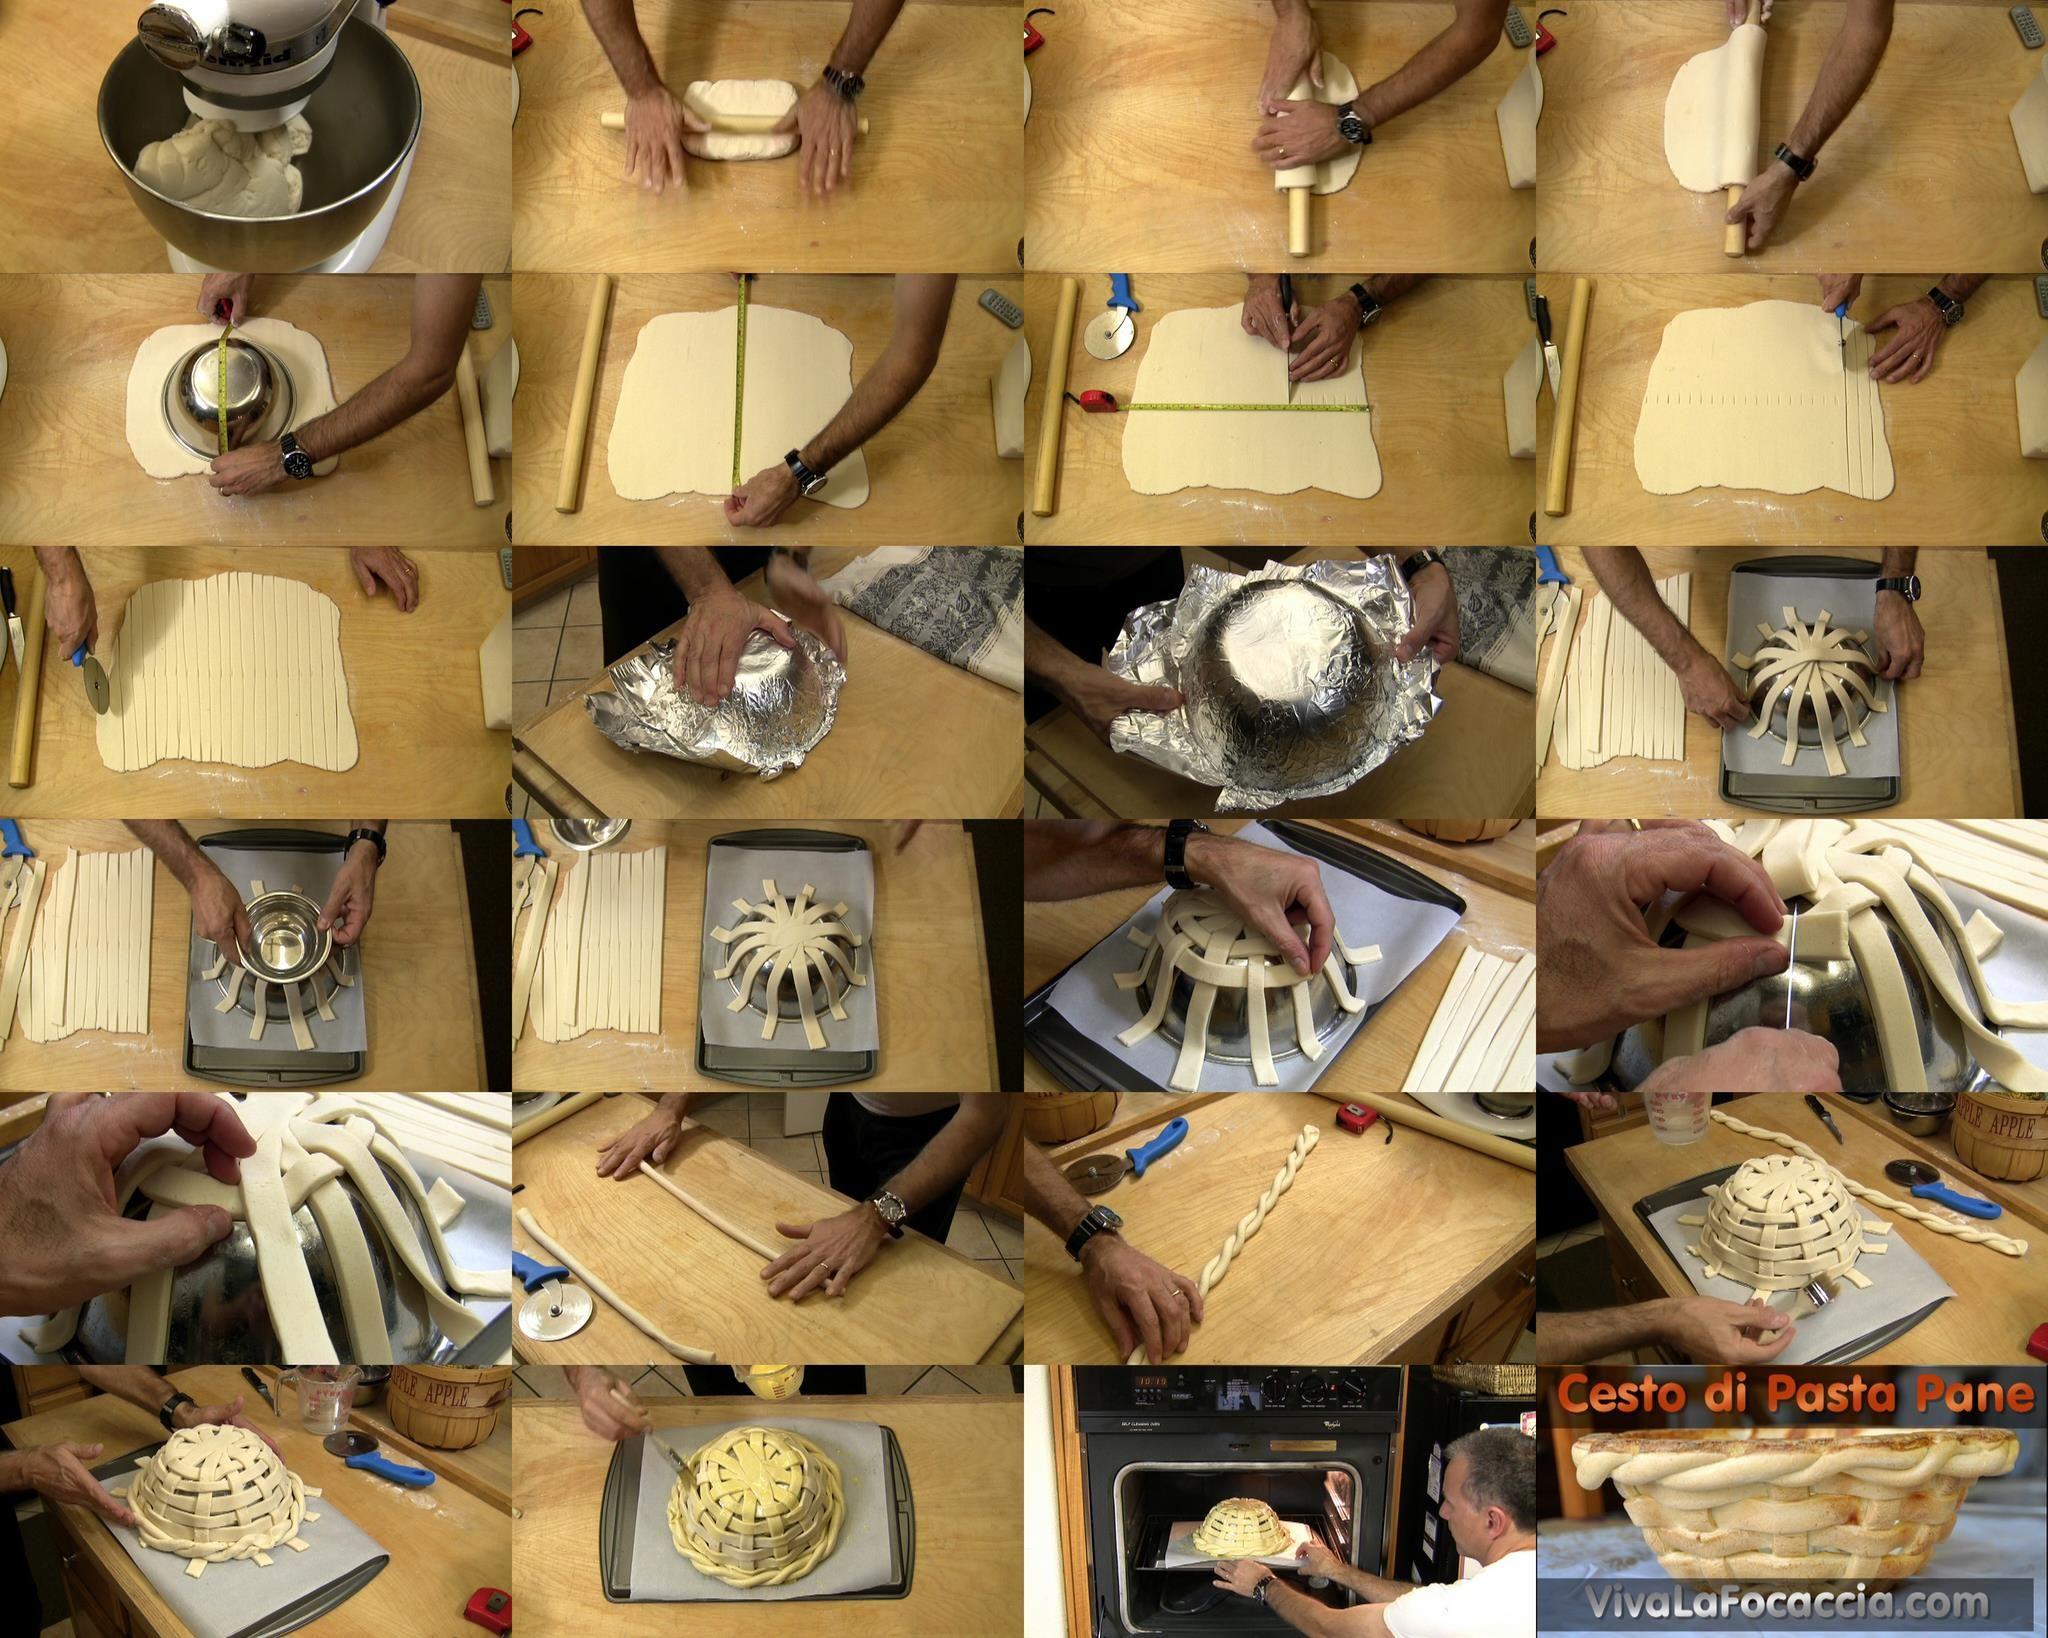 http://vivalafocaccia.com/2013/12/06/come-fare-cestino-di-pasta-di-pane/